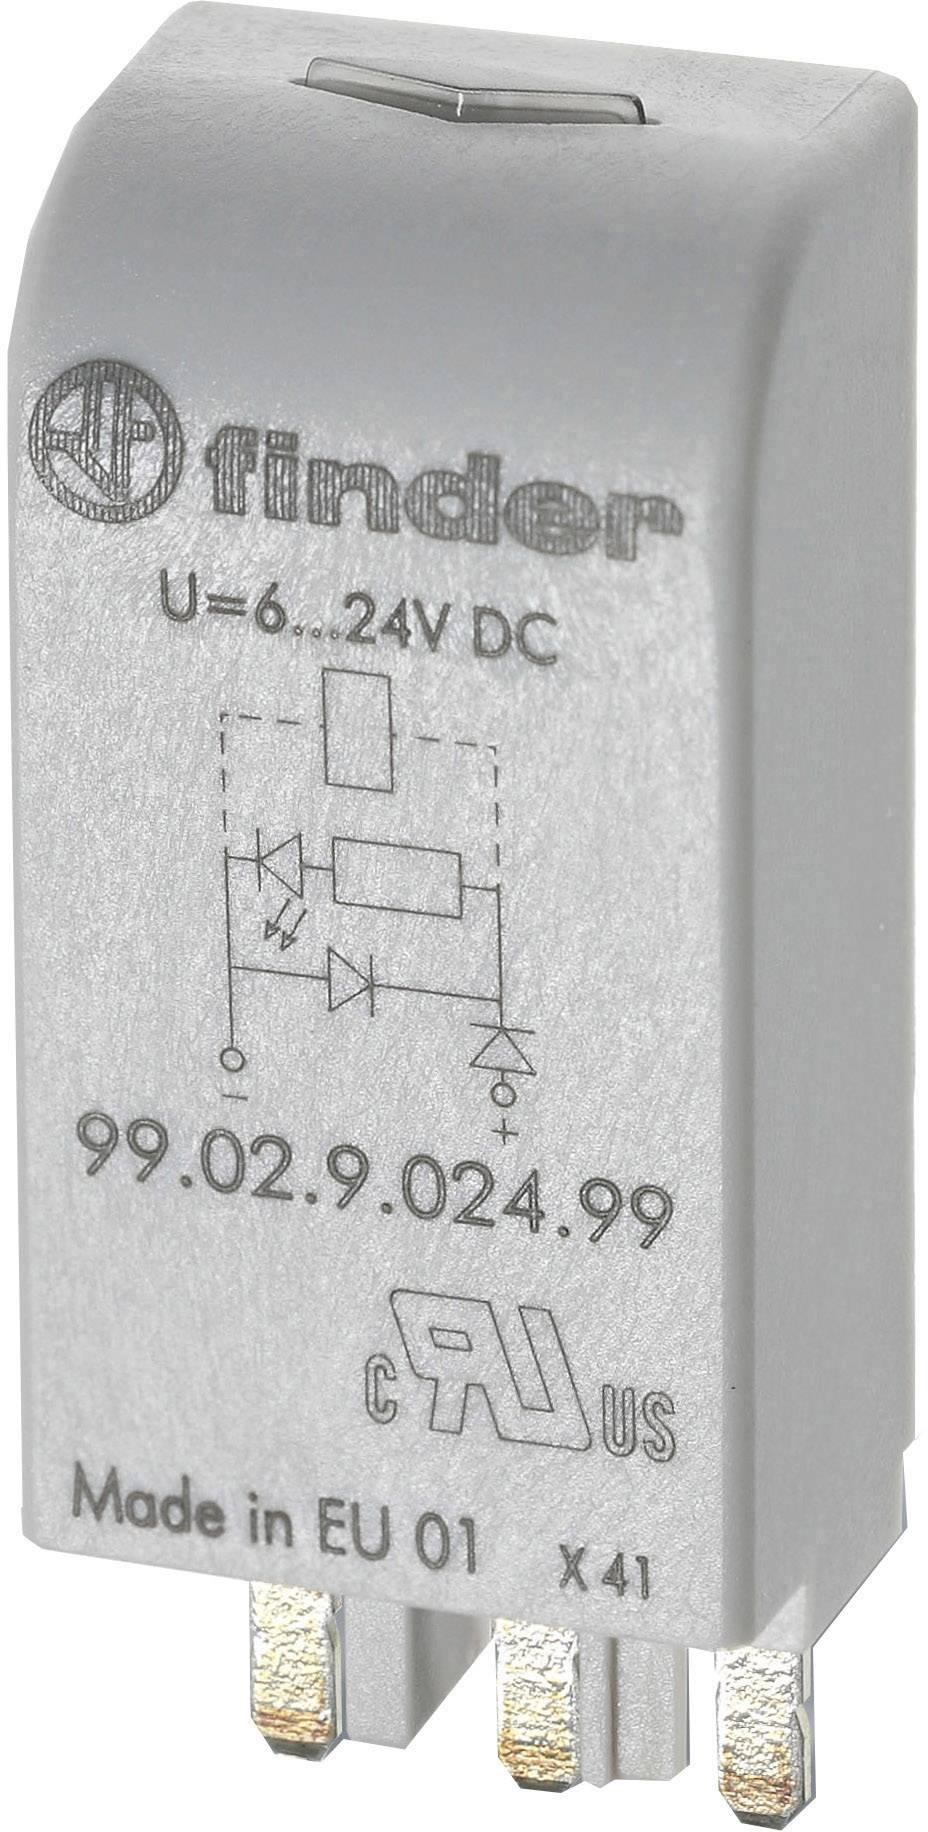 Odrušovací modul Finder 99.02.3.000.00, 220 V